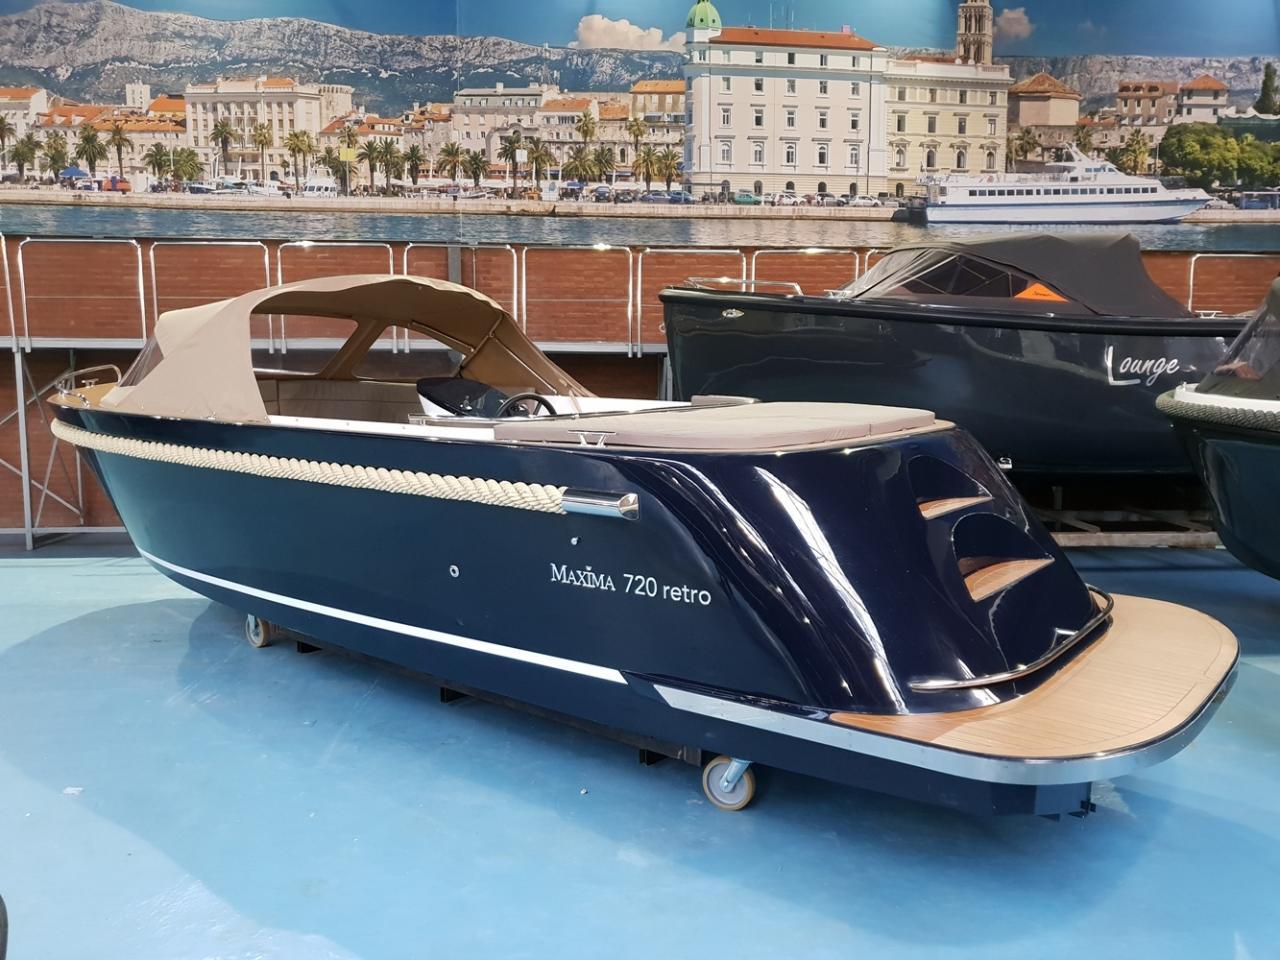 Maxima 720 retro met 60 pk Honda MODEL 2021 leverbaar! 5